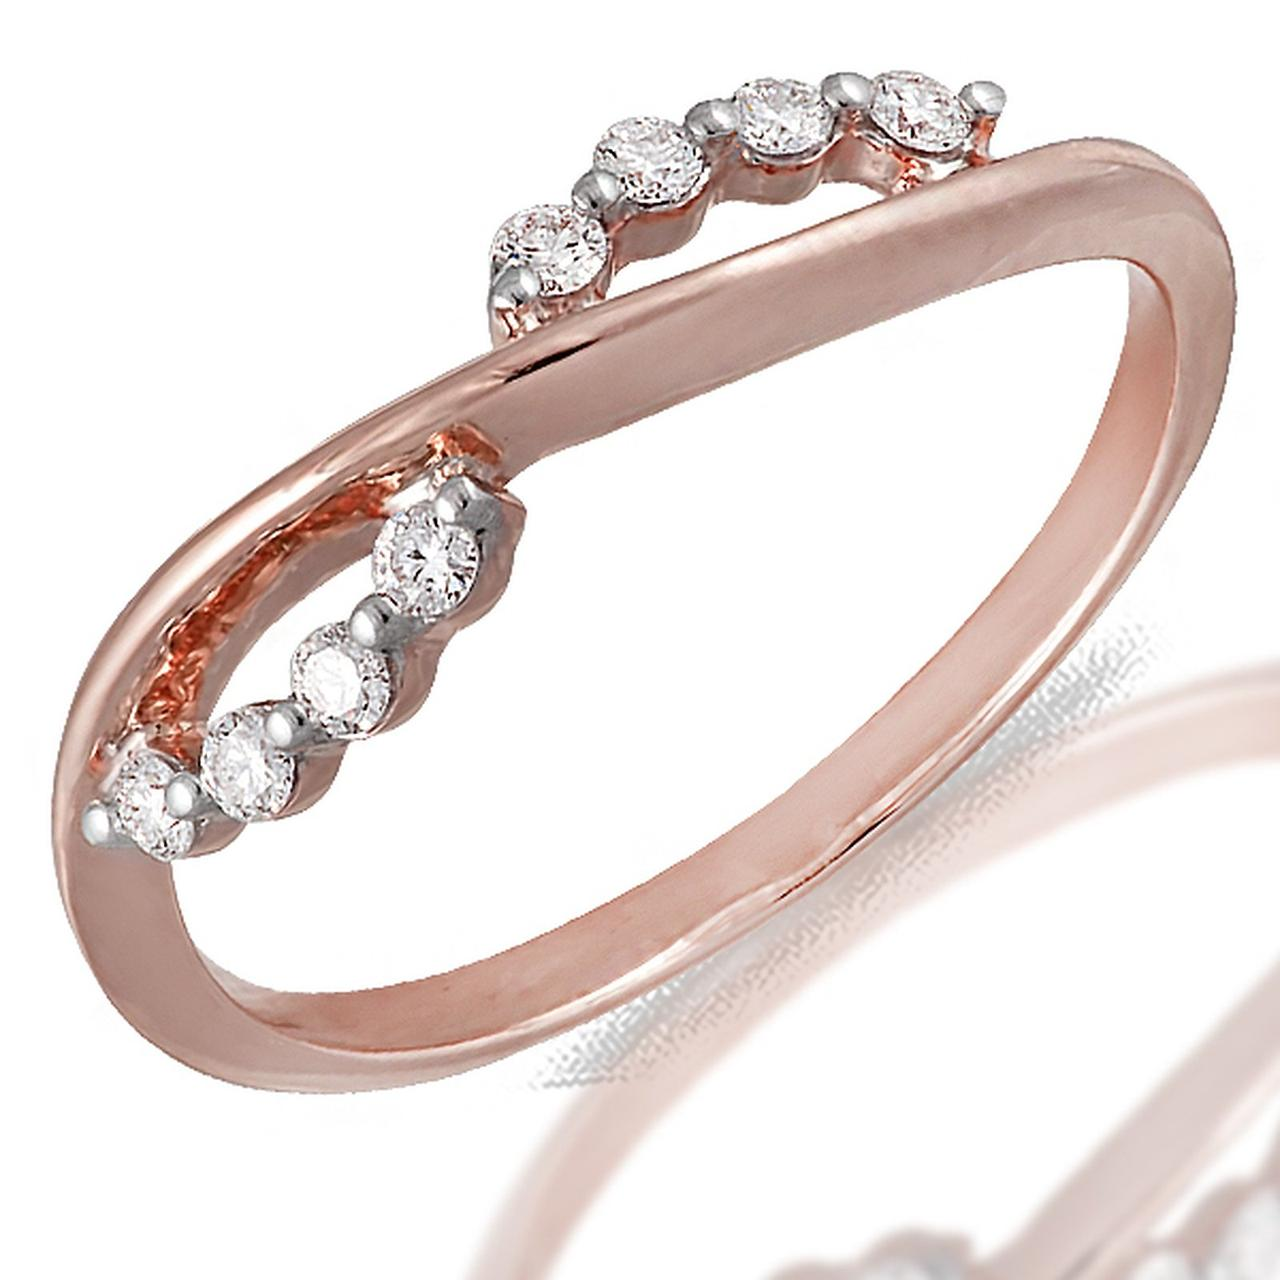 Золотое кольцо с бриллиантами, размер 16.5 (056937)